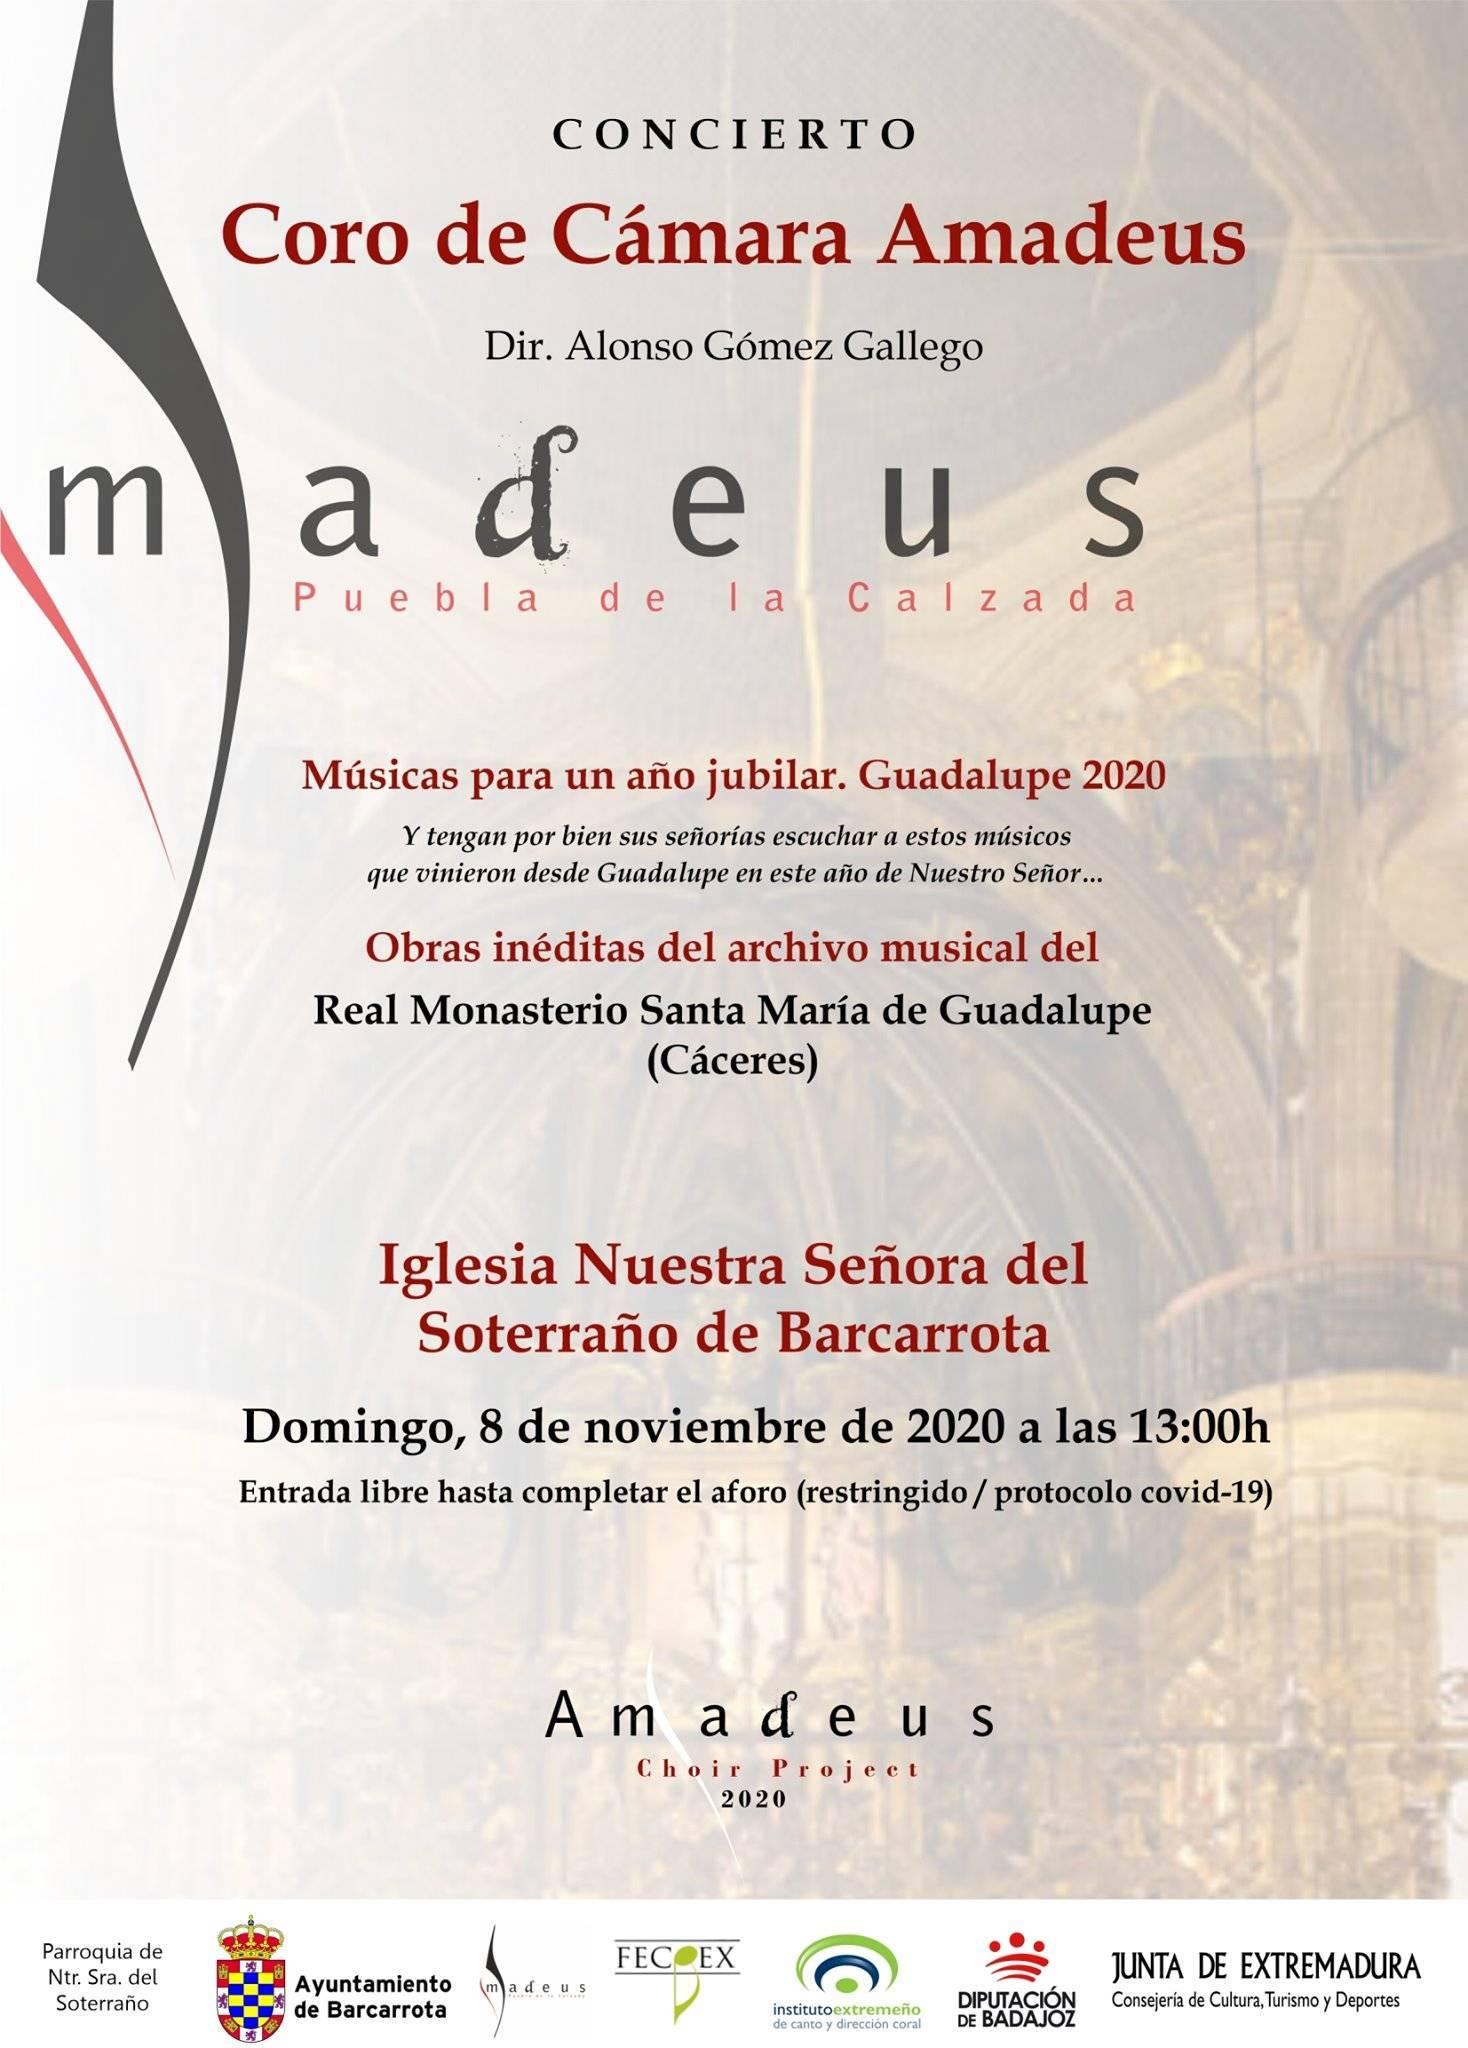 Concierto del Coro Amadeus (2020) - Barcarrota (Badajoz)